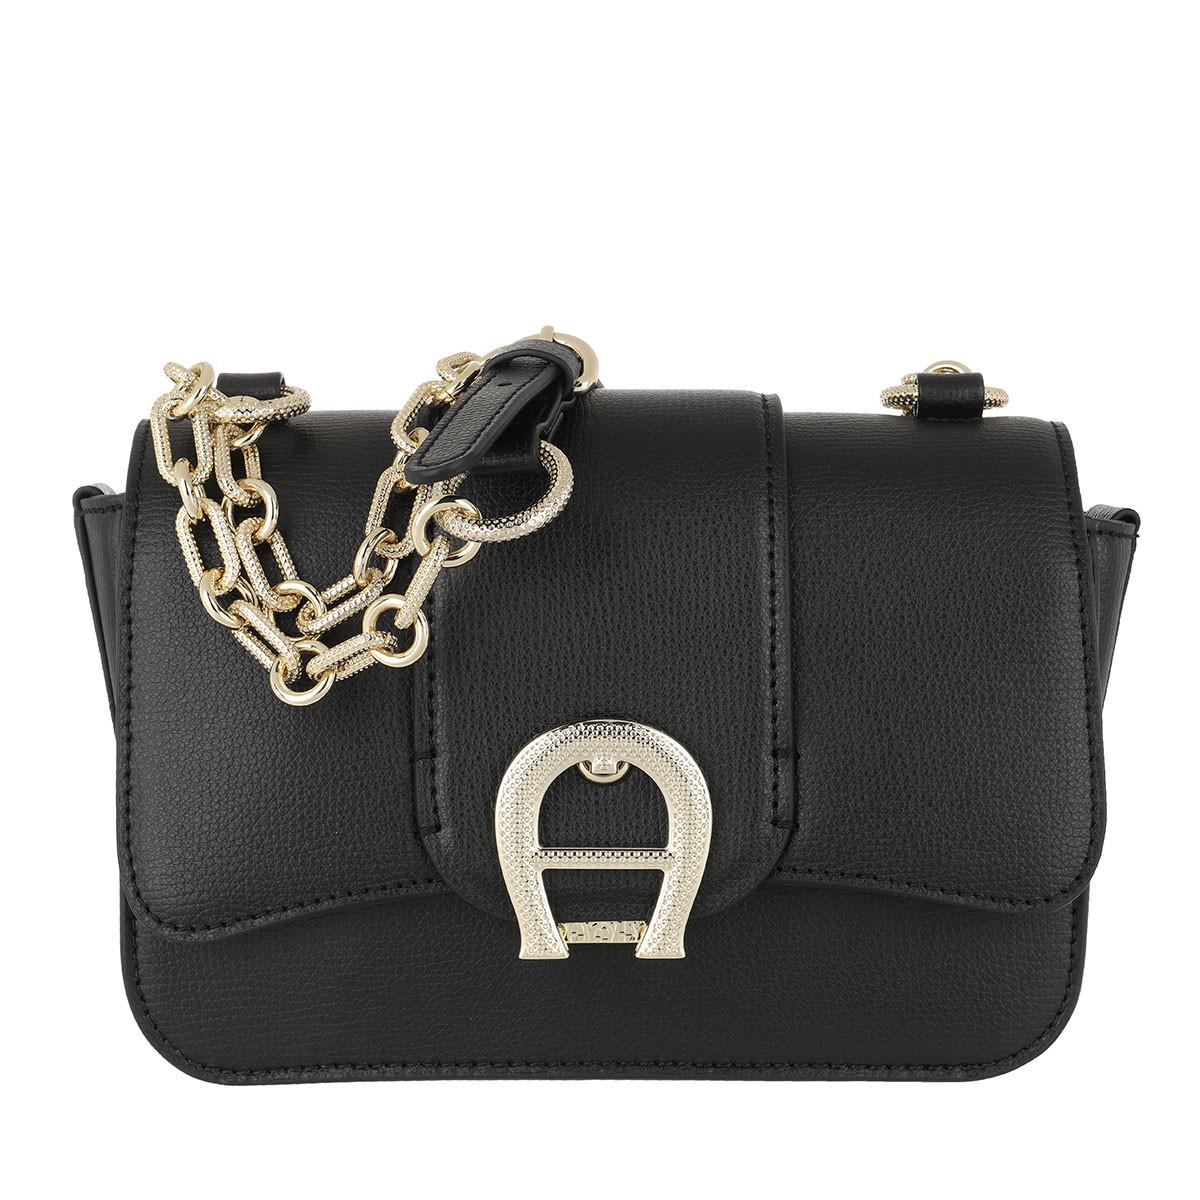 Aigner Umhängetasche - Verona Crossbody Bag Black - in schwarz - für Damen